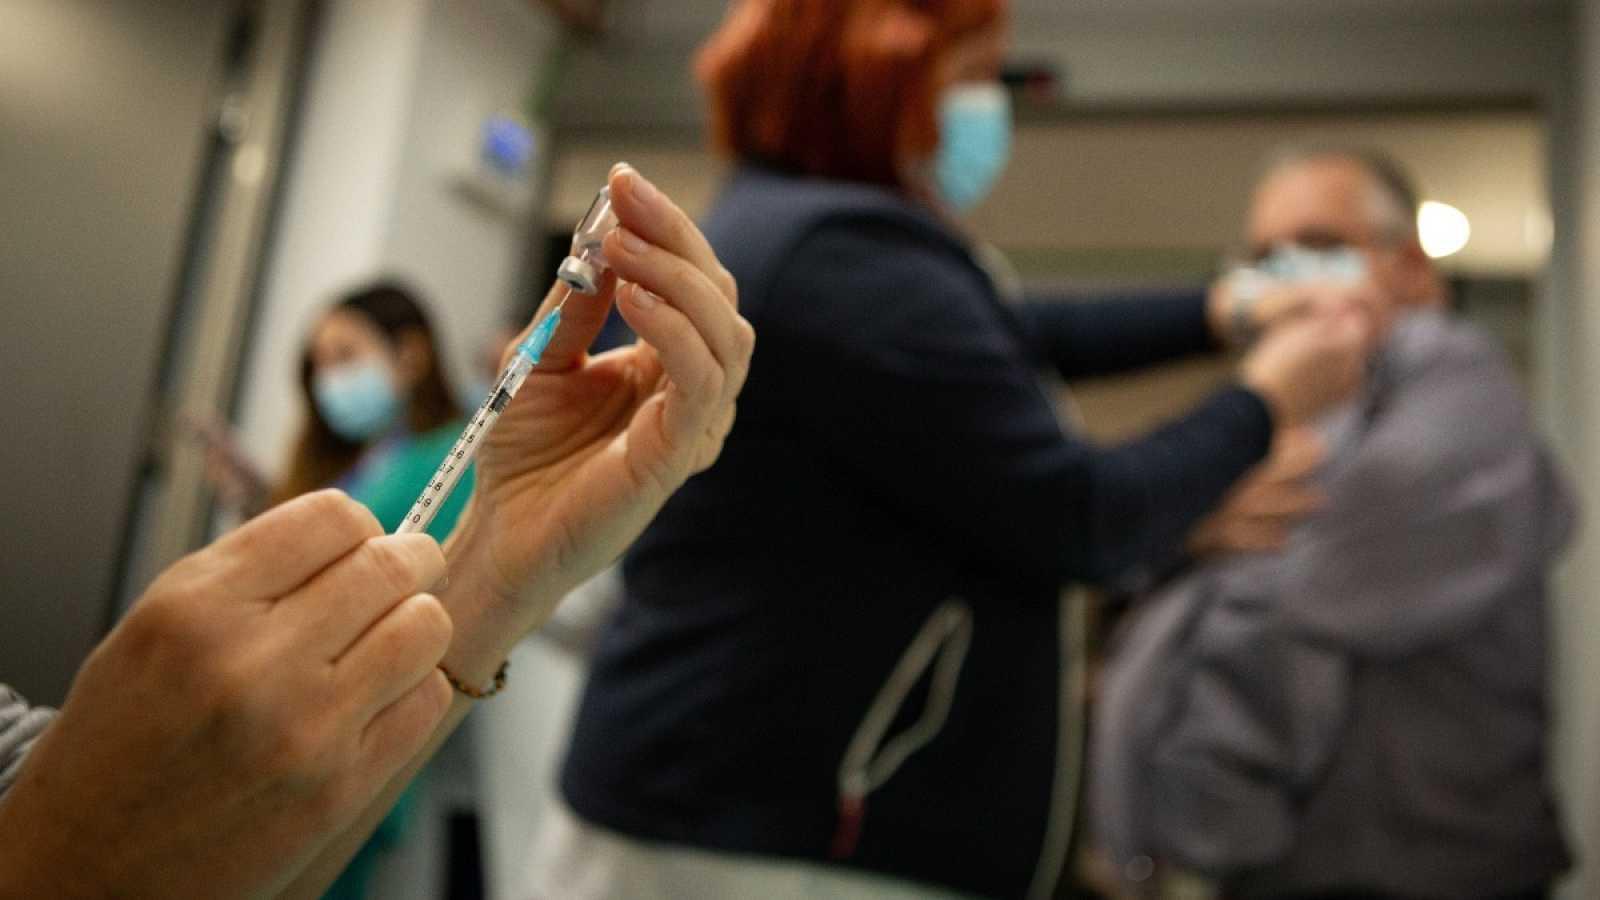 Profesionales sanitarias preparan y administran la vacuna de covid-19 a sus compañeros en el Hospital Vall d'Hebrón de Barcelona